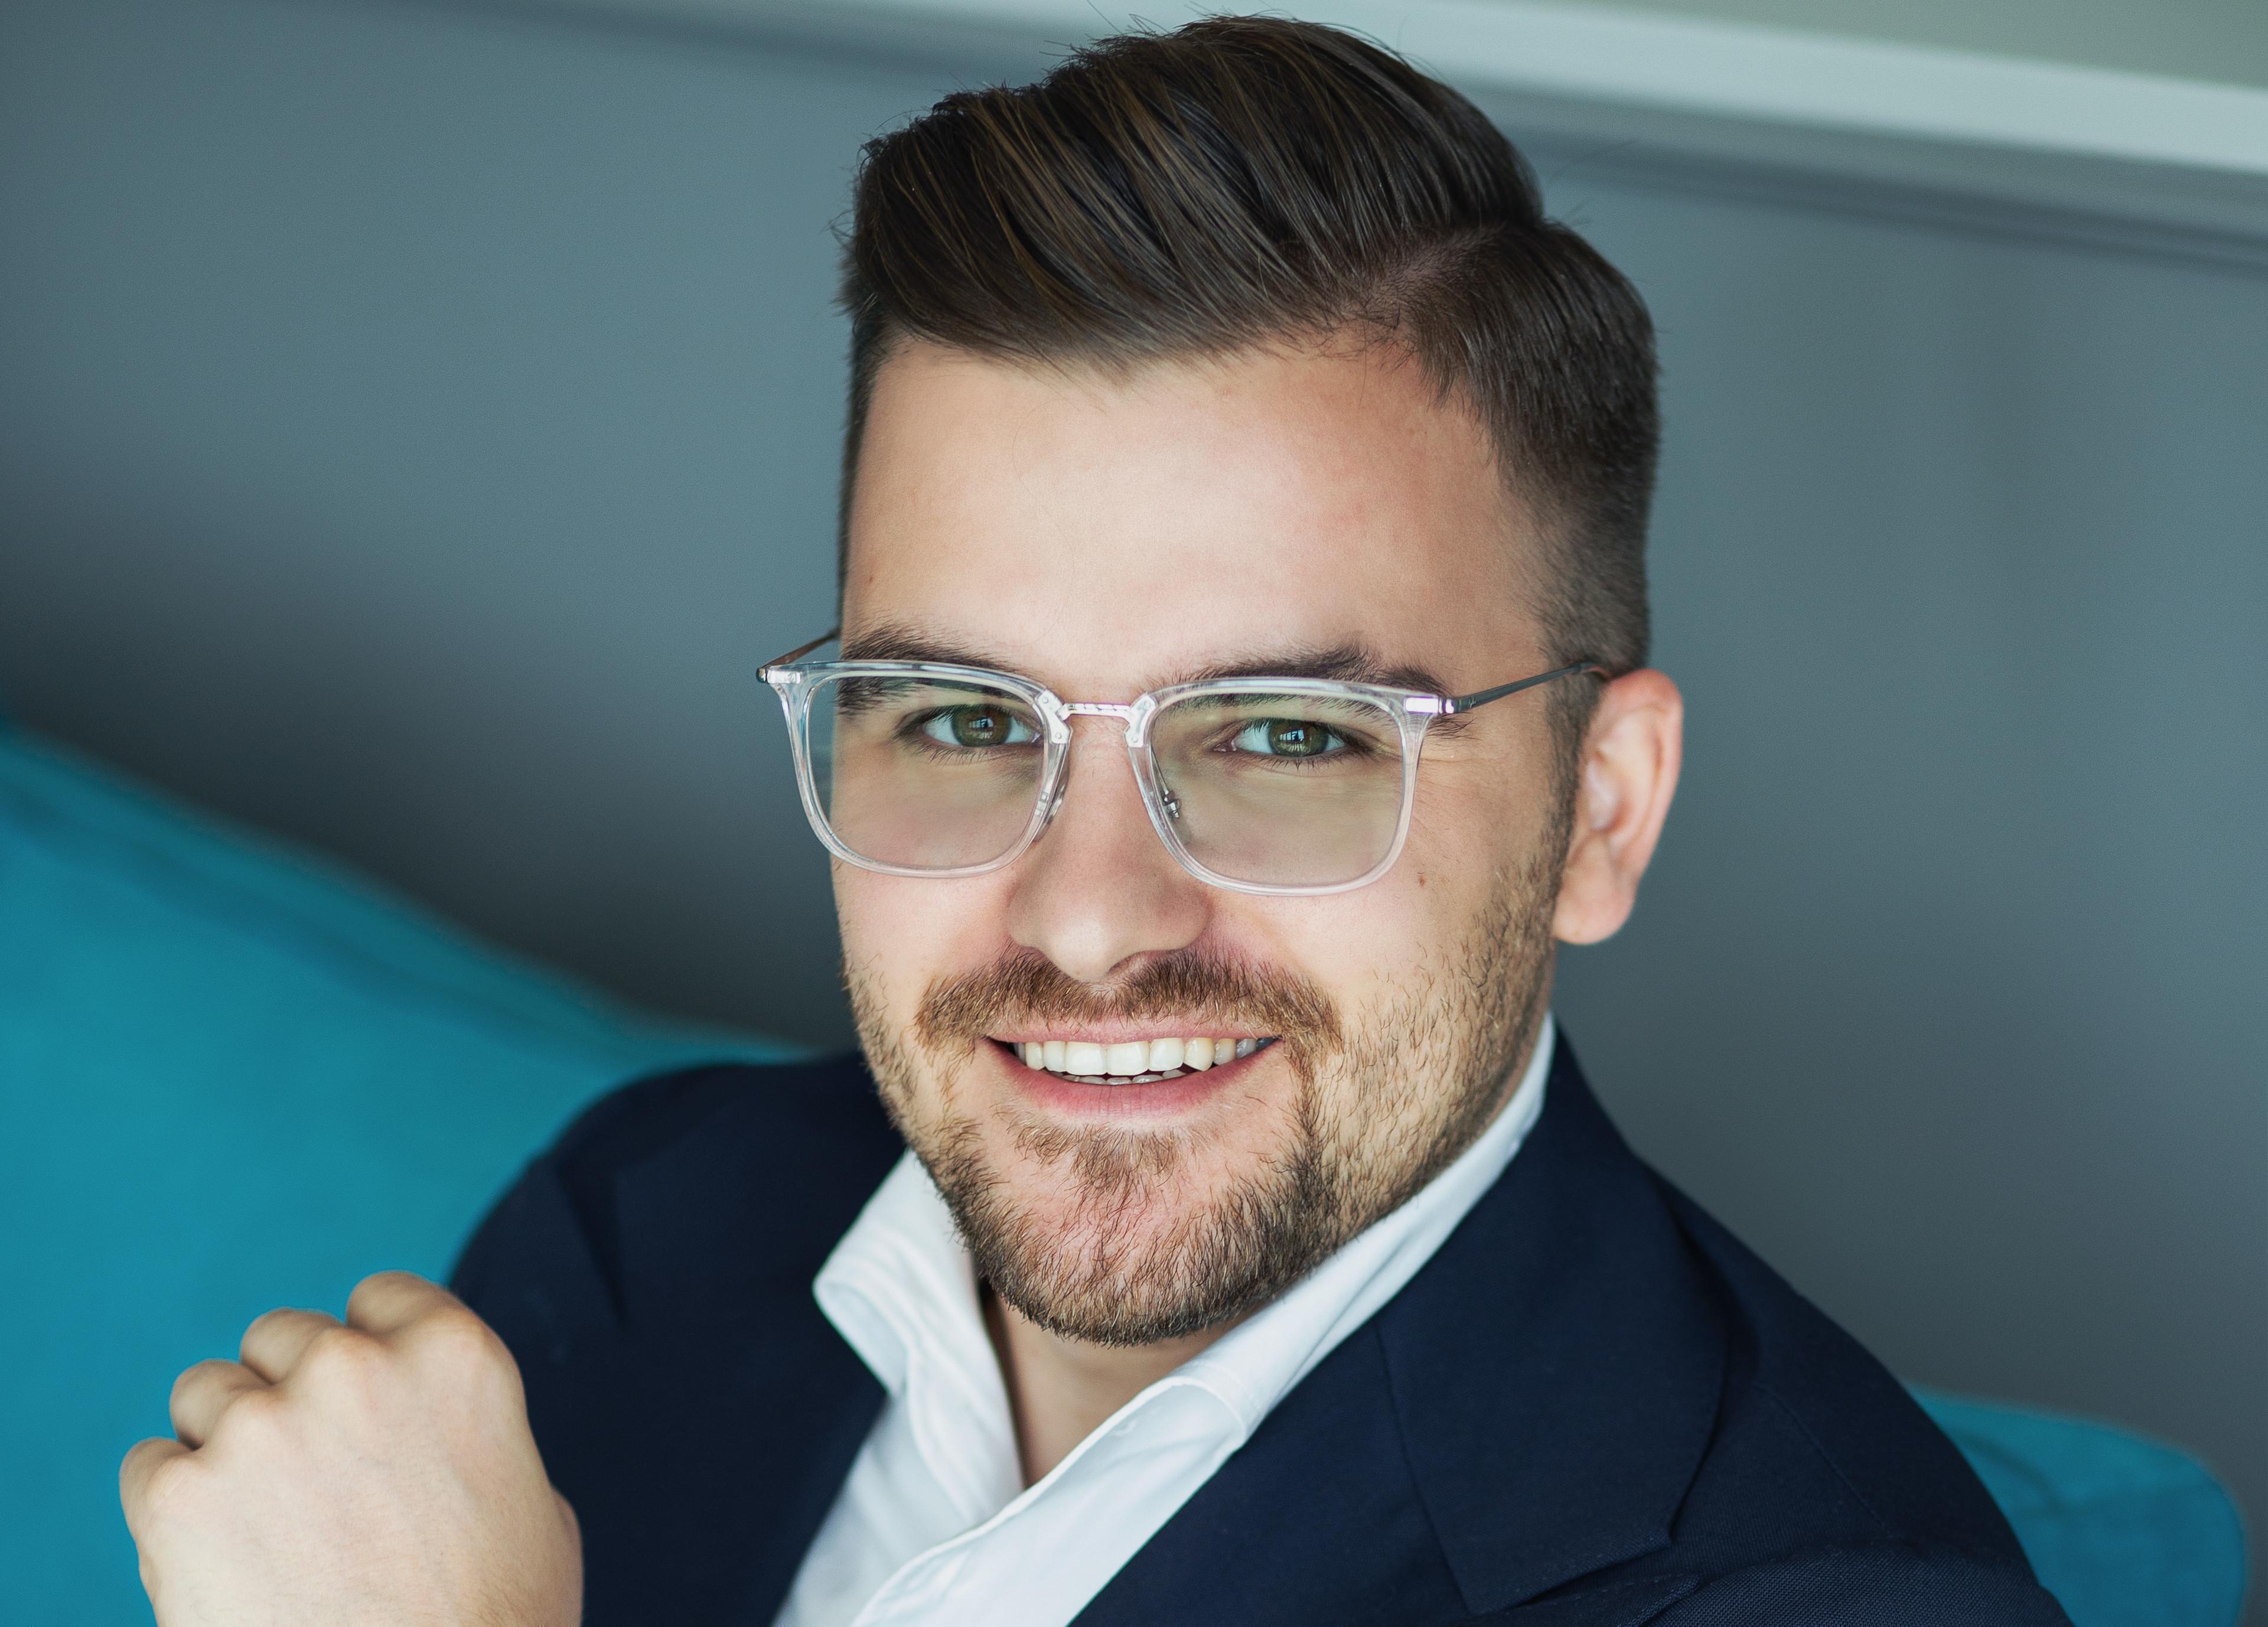 Mam Startup: To pierwszy tak duży projekt w moim życiu i mam ogromny fun z pracy nad tym serwisem – Jakub Roskosz (DużeRabaty.pl)